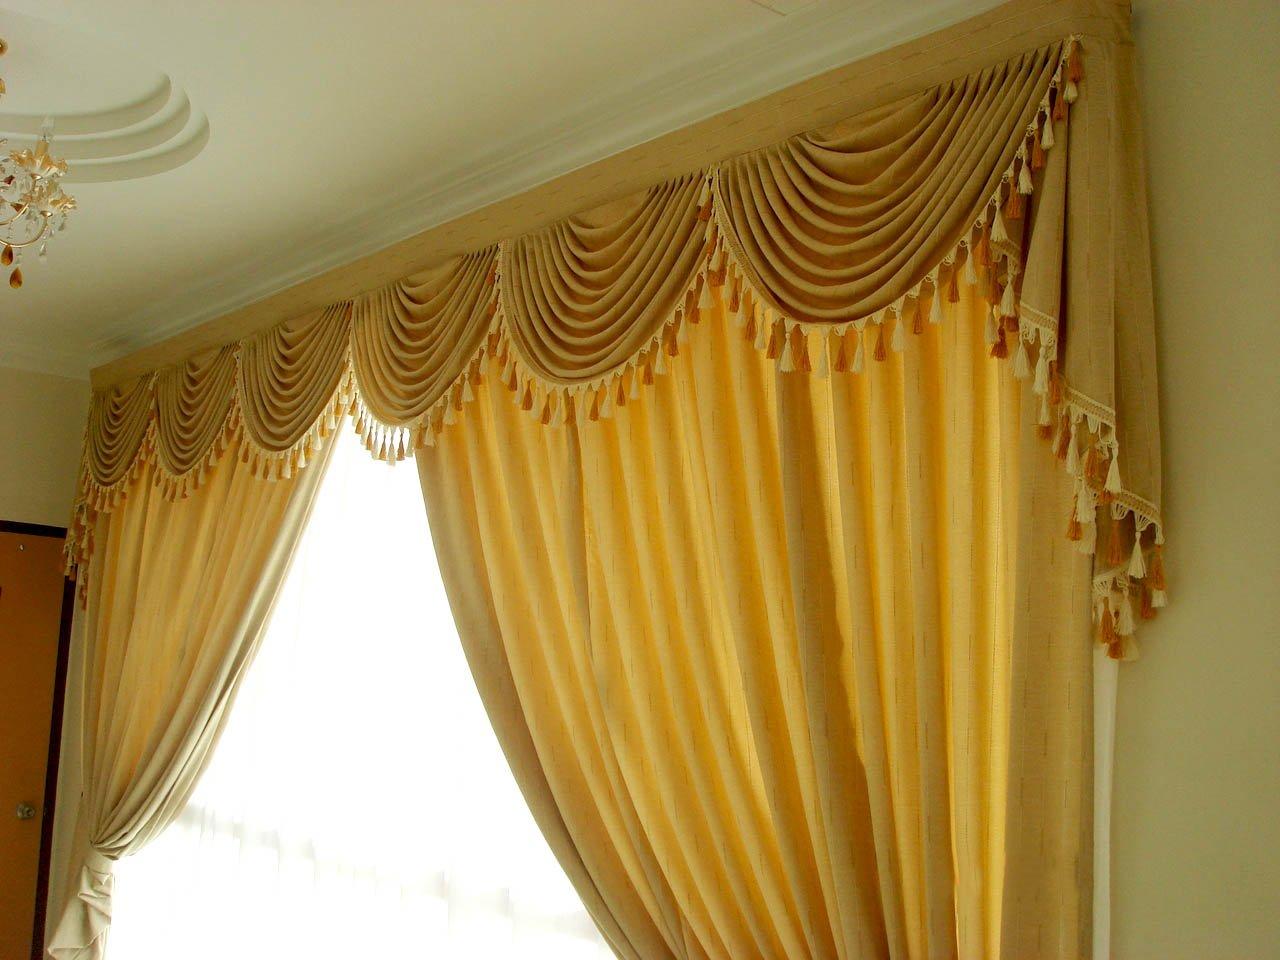 Eva rideau d coration de la maison rideaux id du produit 111230447 french - La maison des rideaux ...